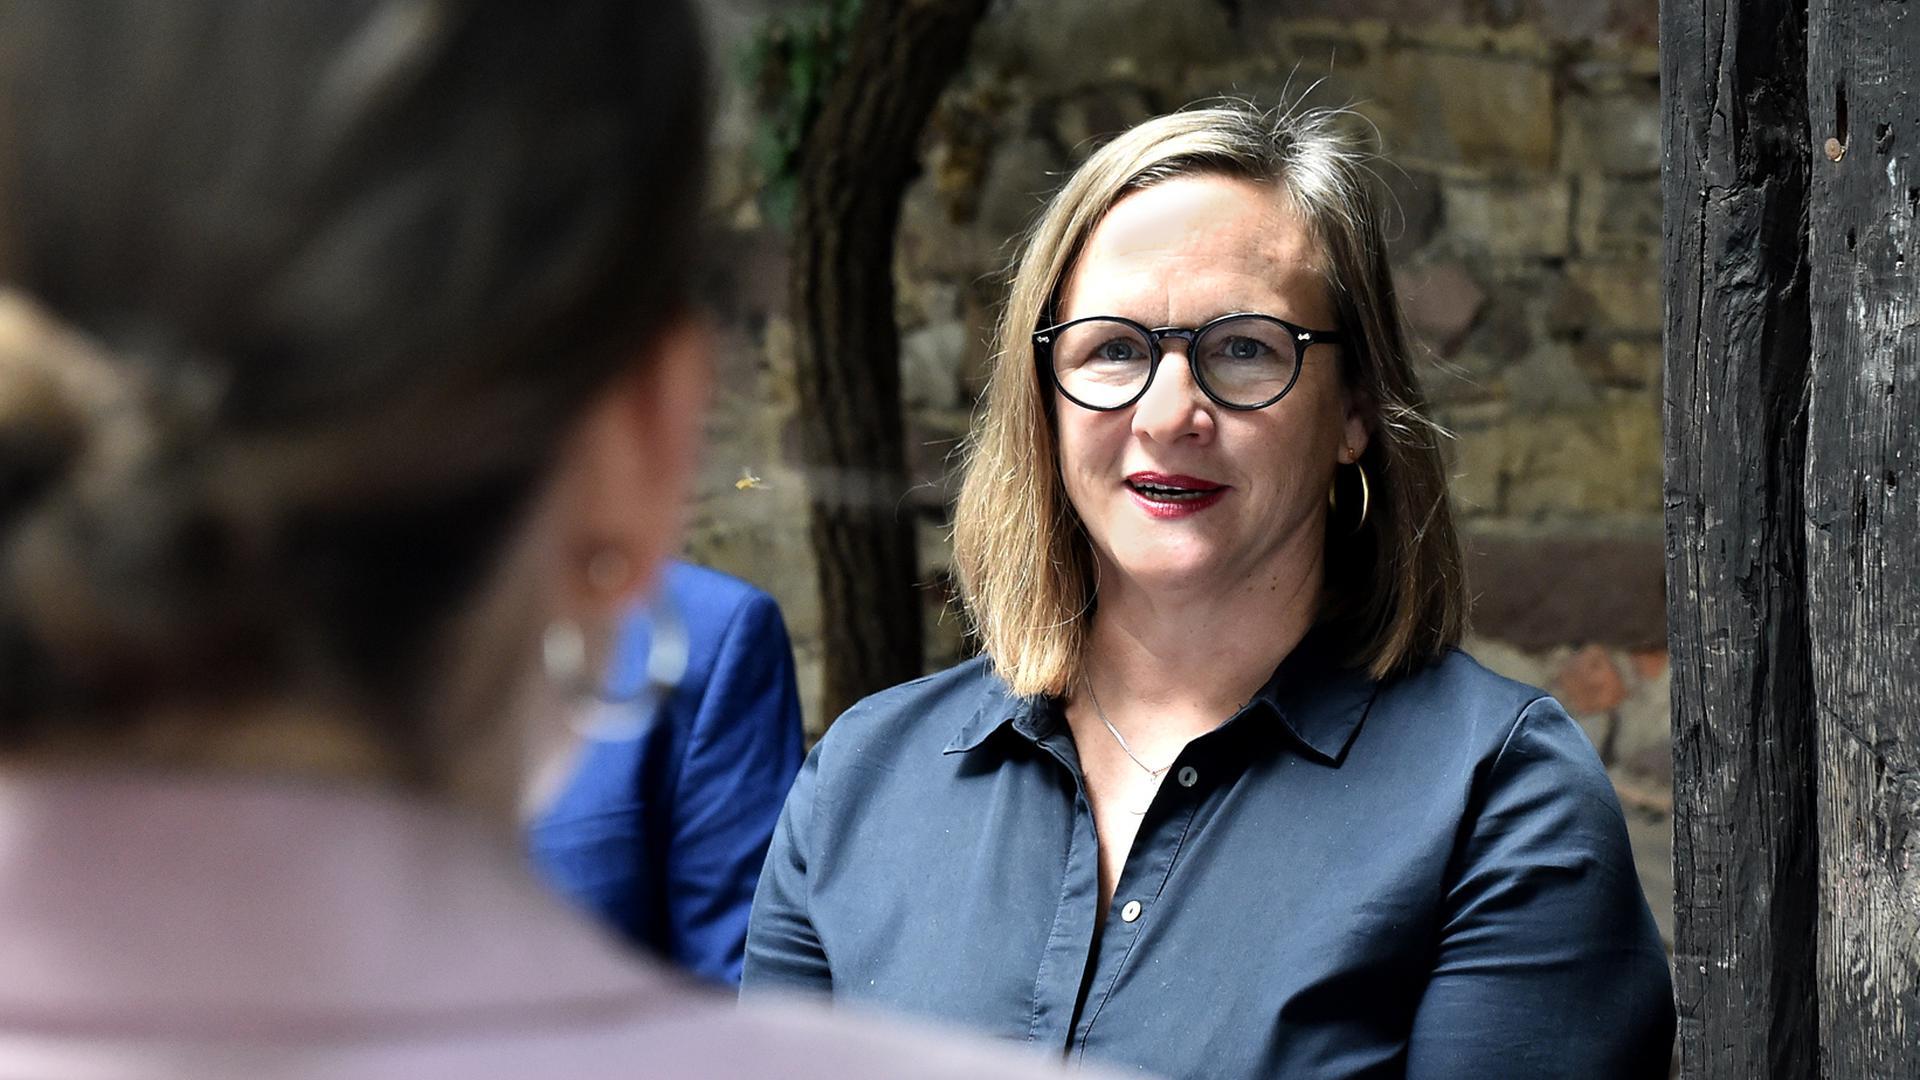 Alexandra Nohl: Für den Wahlkreis Bruchsal zieht die 45-Jährige in den Wahlkampf um einen Platz im baden-württembergischen Landtag. Neben ihren Ämtern im Gemeinde- und Ortschaftsrat ist Nohl Konrektorin einer Schule.